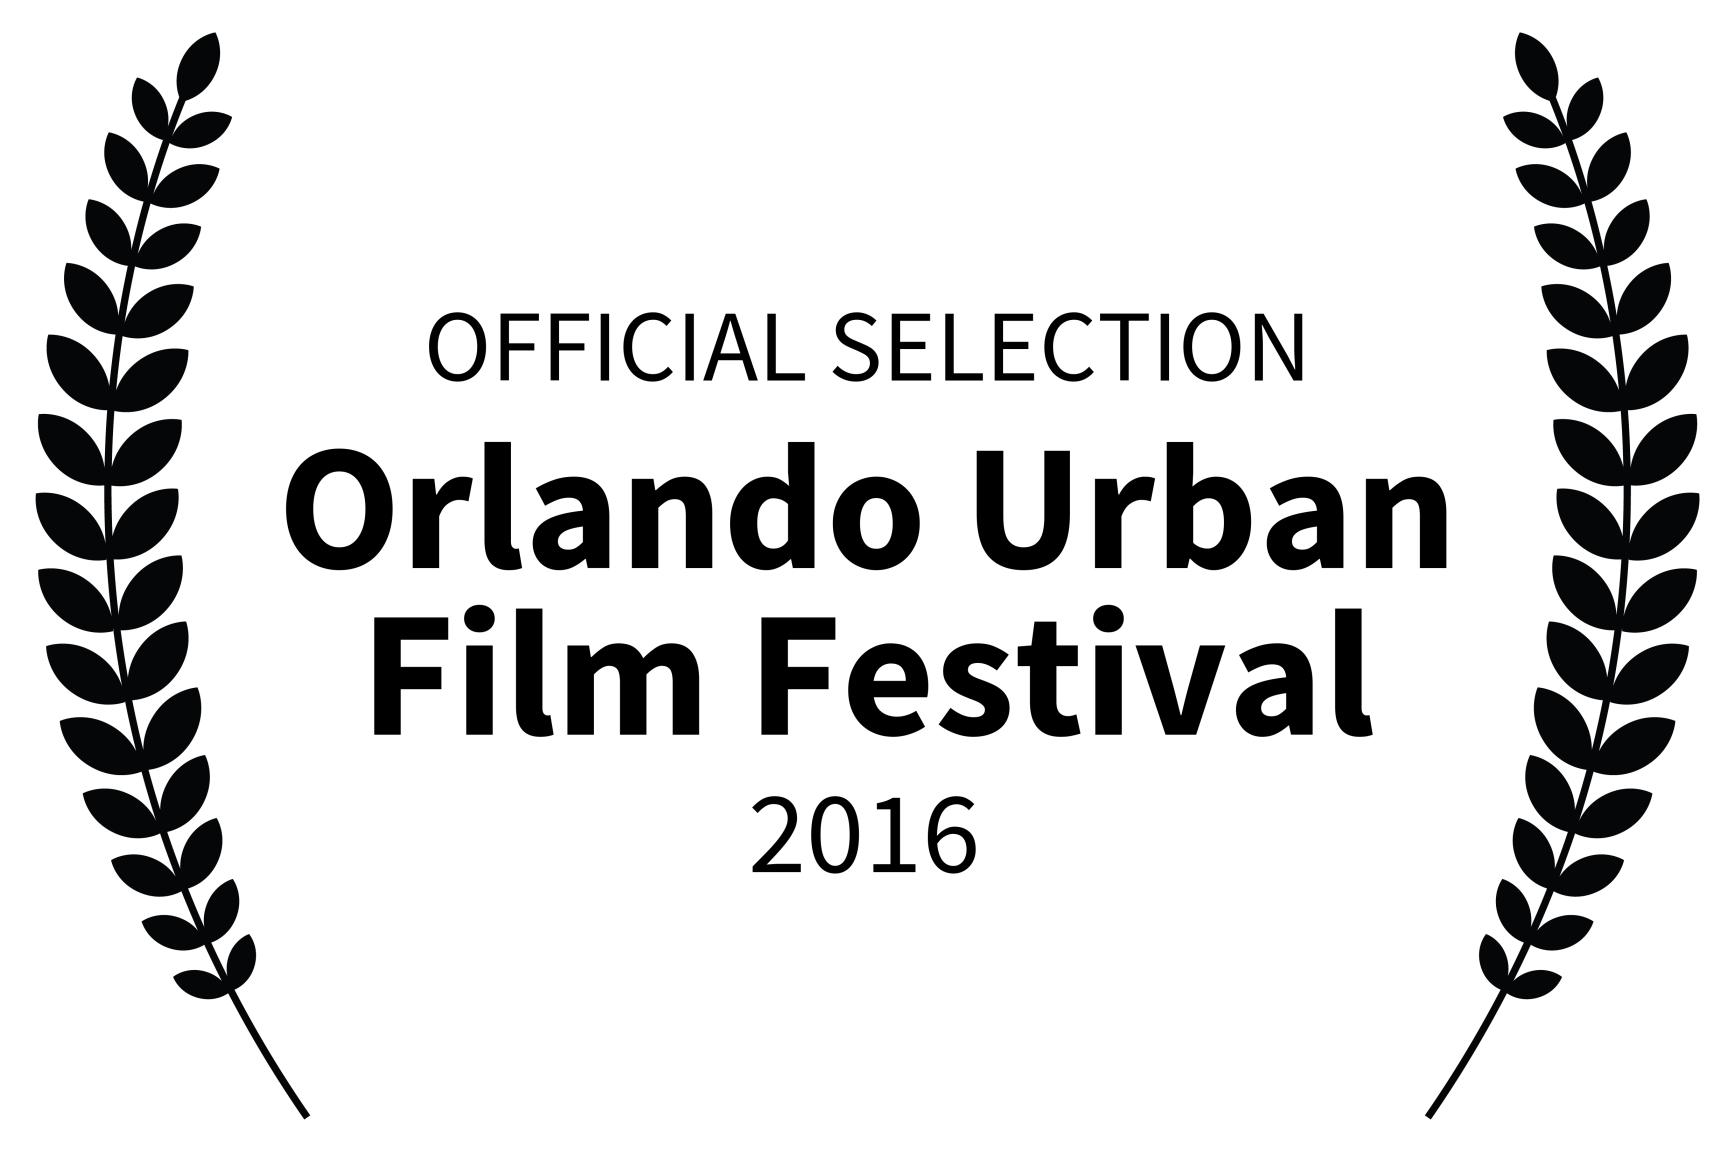 Orlando Urban Film Festival 2016.jpg